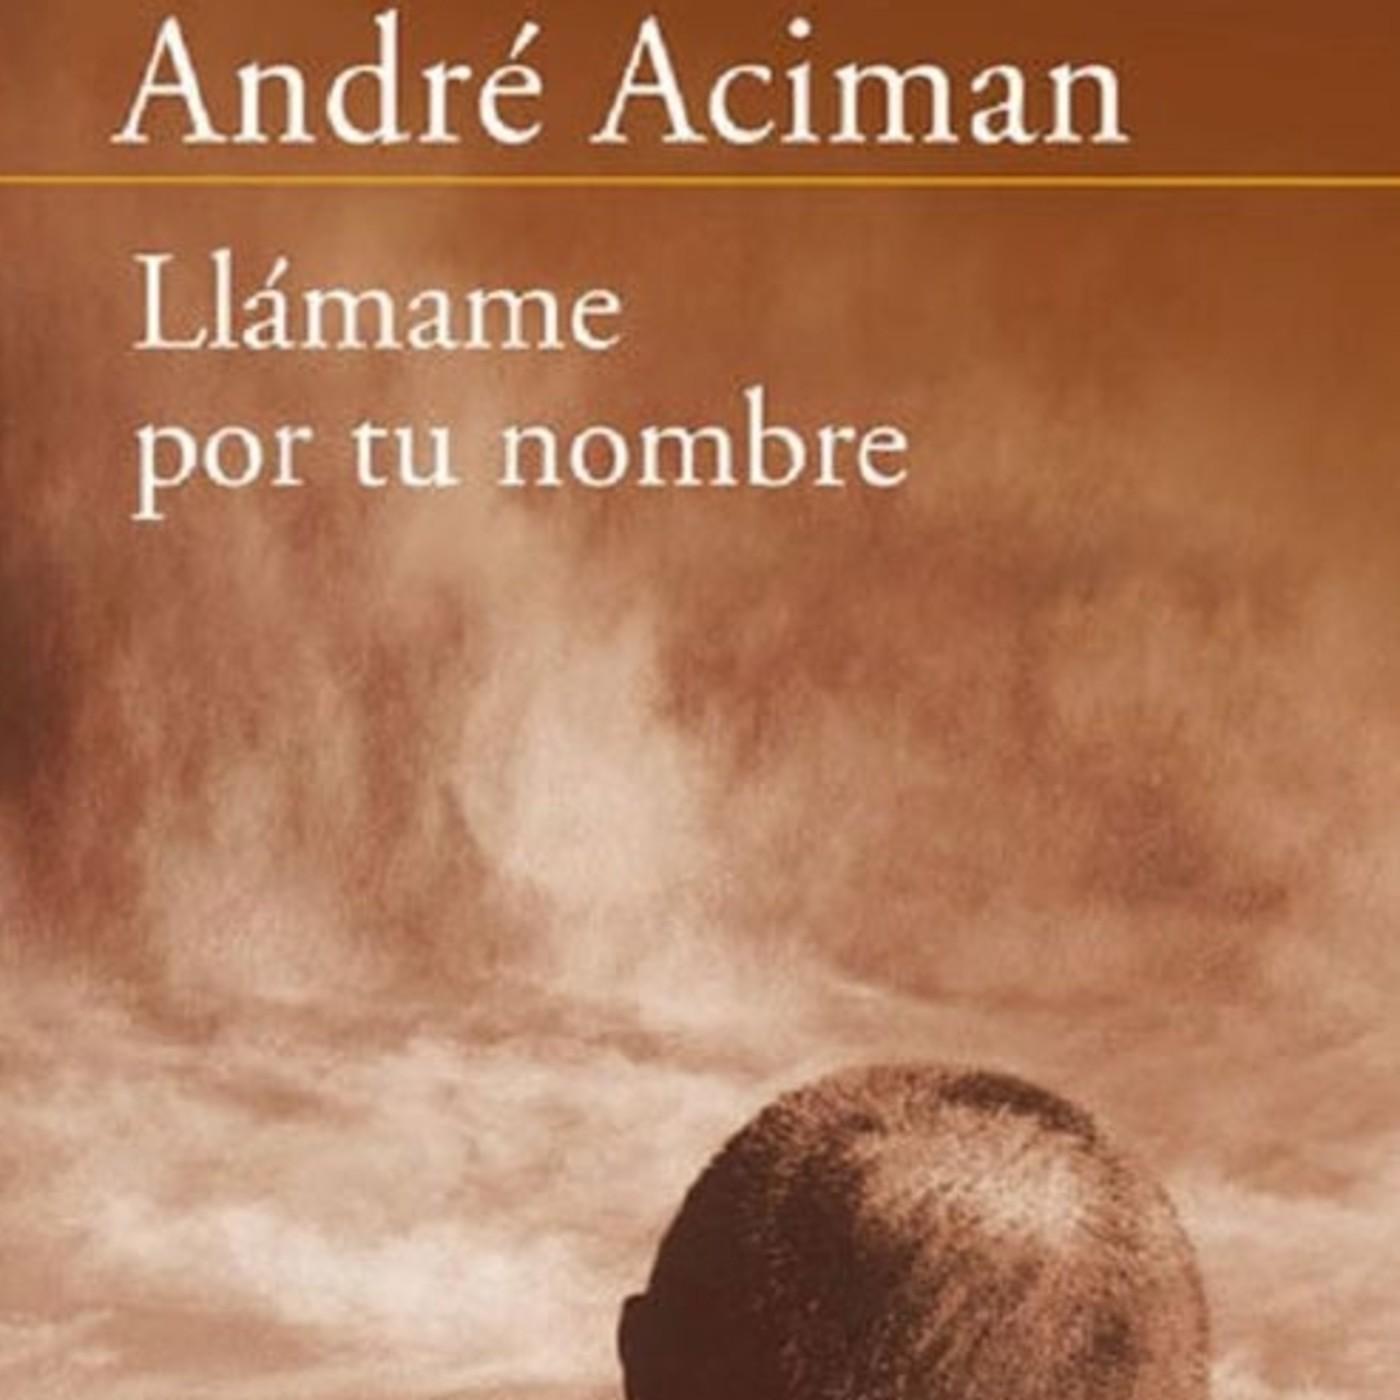 Llámame por tu nombre - André Aciman en kikulibros en mp3(09/04 a ...